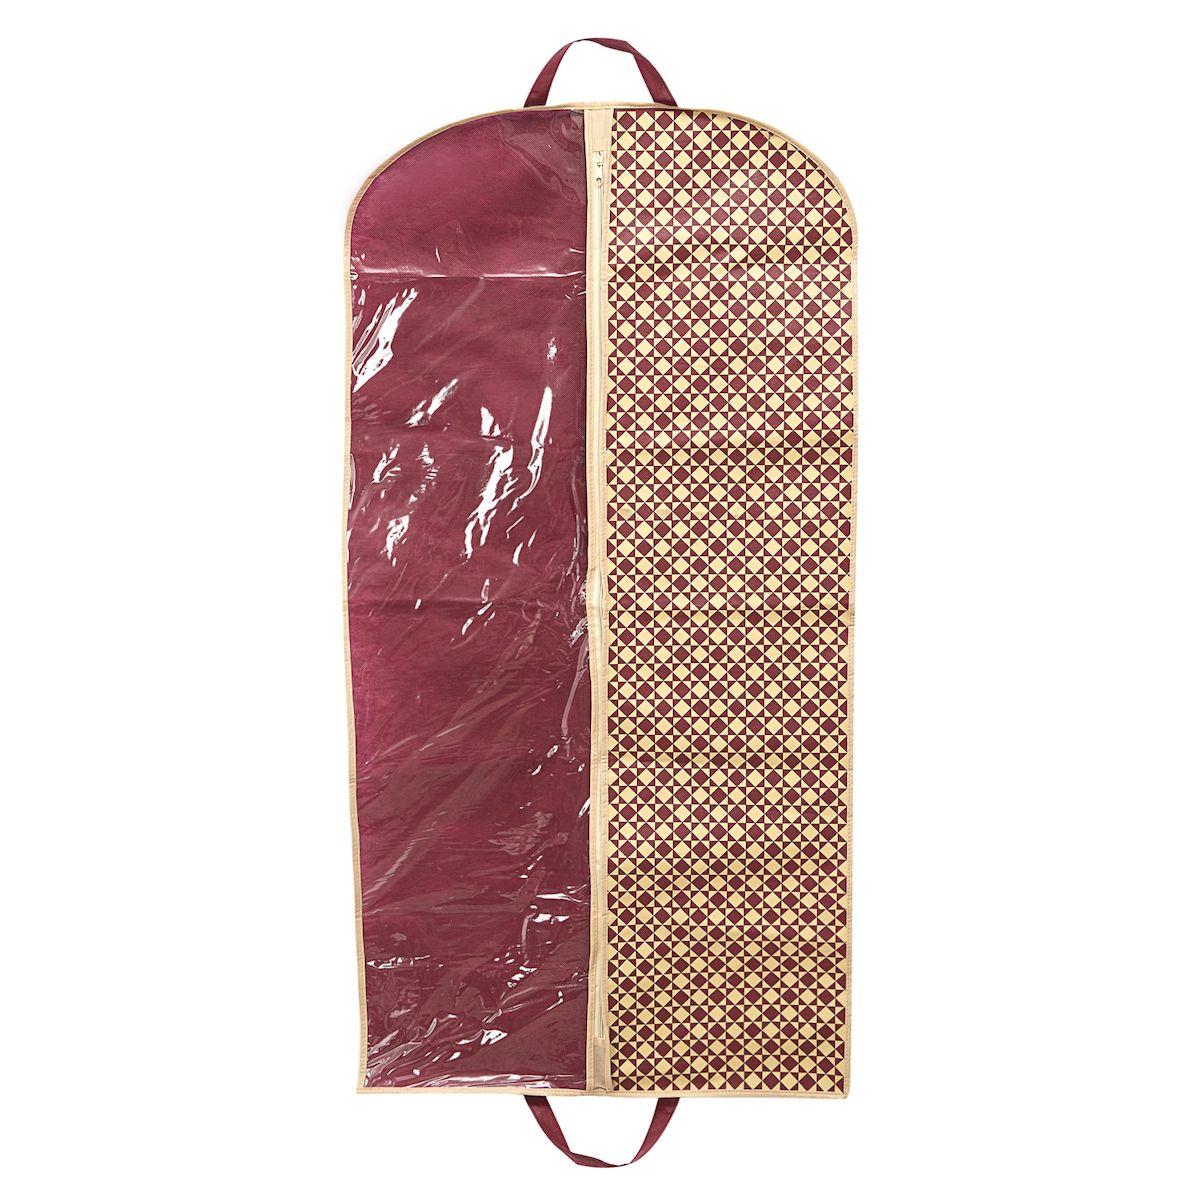 Чехол для одежды Homsu Bordo, подвесной, с прозрачной вставкой, 120 х 60 смHOM-393Подвесной чехол для одежды Homsu Bordo на застежке-молнии выполнен из высококачественного нетканого материала. Чехол снабжен прозрачной вставкой из ПВХ, что позволяет легко просматривать содержимое. Изделие подходит для длительного хранения вещей.Чехол обеспечит вашей одежде надежную защиту от влажности, повреждений и грязи при транспортировке, от запыления при хранении и проникновения моли. Чехол позволяет воздуху свободно поступать внутрь вещей, обеспечивая их кондиционирование. Это особенно важно при хранении кожаных и меховых изделий.Чехол для одежды Homsu Bordo создаст уютную атмосферу в гардеробе. Лаконичный дизайн придется по вкусу ценительницам эстетичного хранения и сделают вашу гардеробную изысканной и невероятно стильной.Размер чехла: 120 х 60 см.